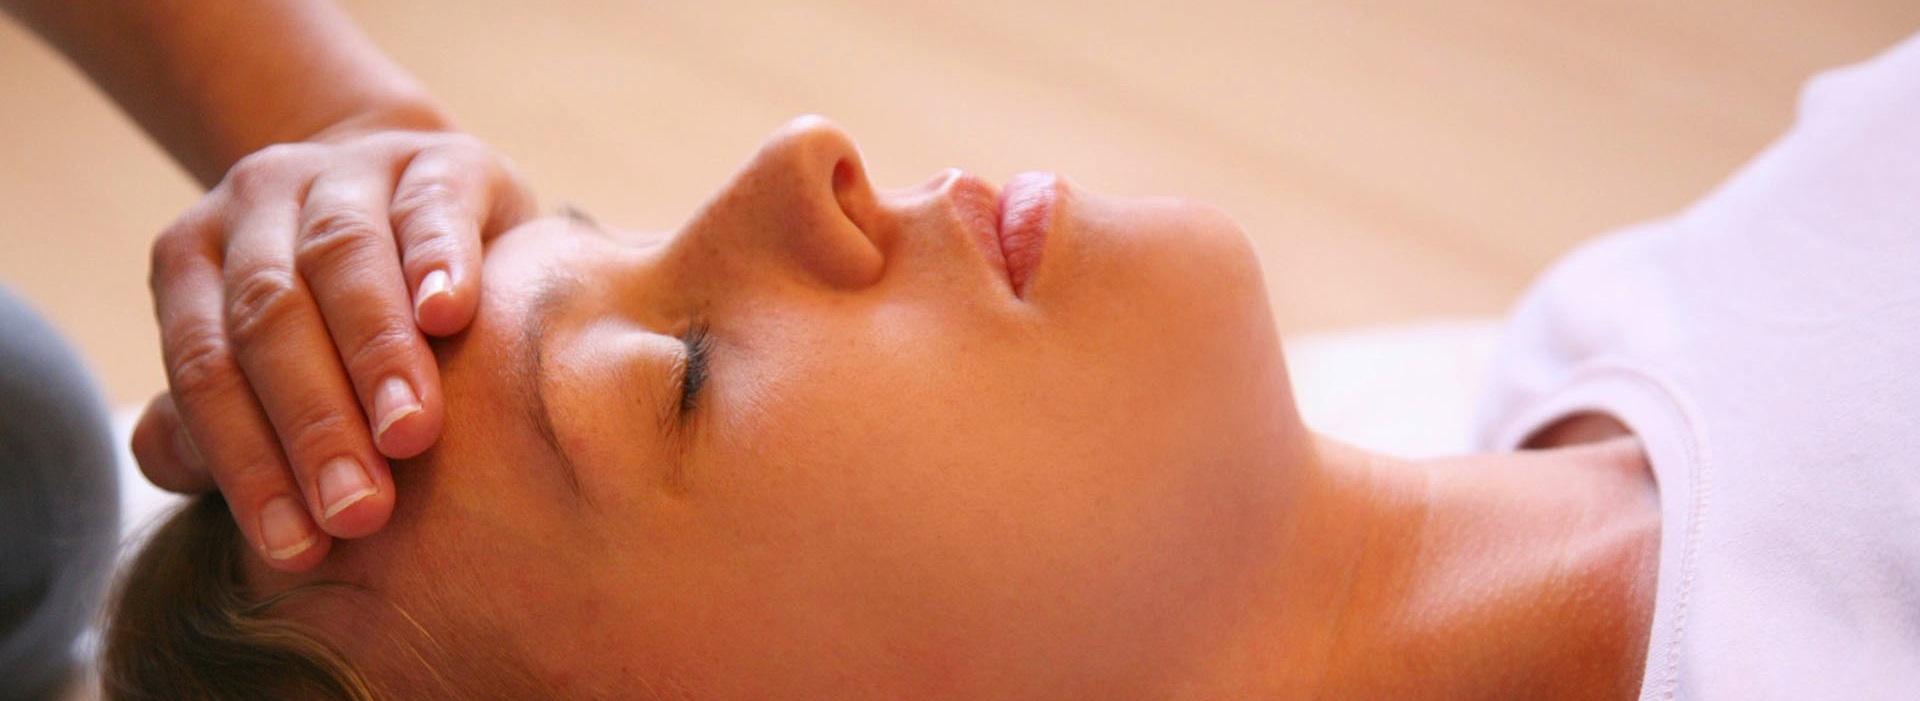 massage tête - ecole de massage sensitif belge